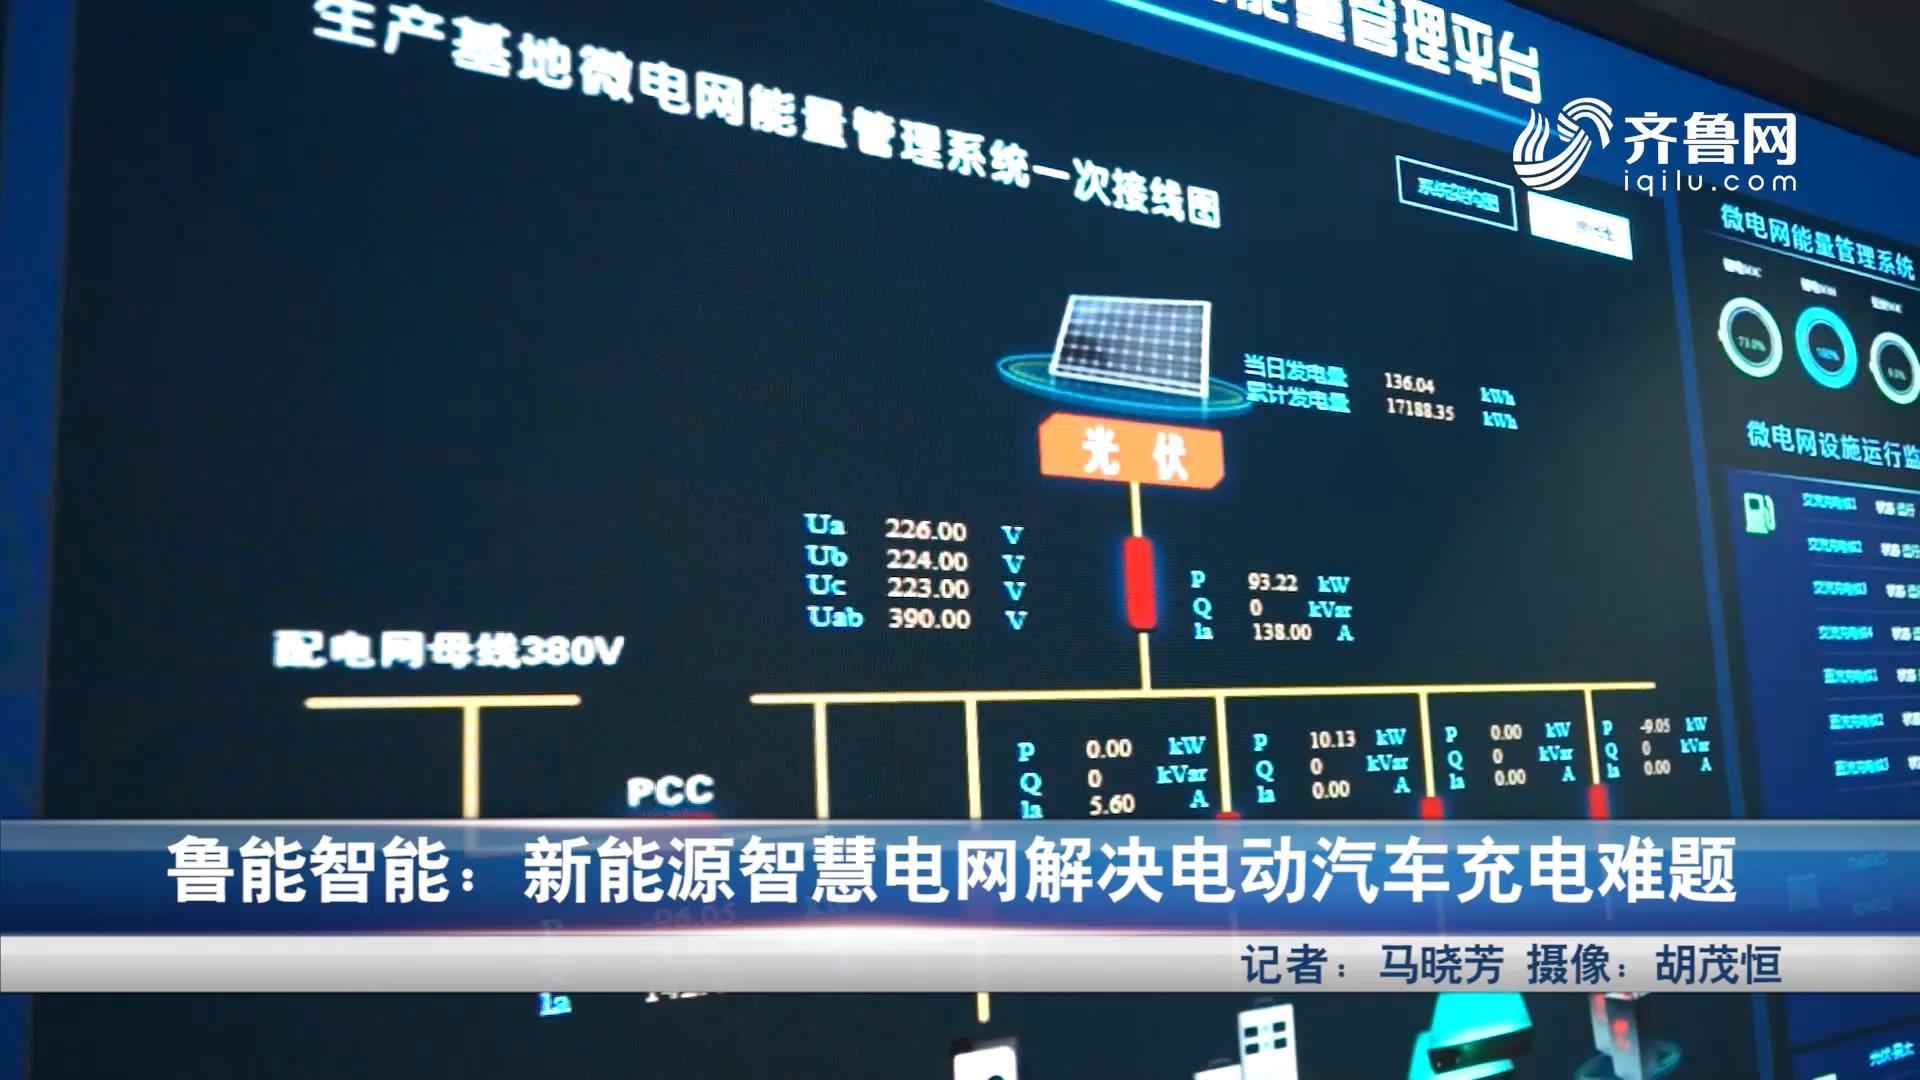 鲁能智能:新能源智慧电网解决电动汽车充电难题